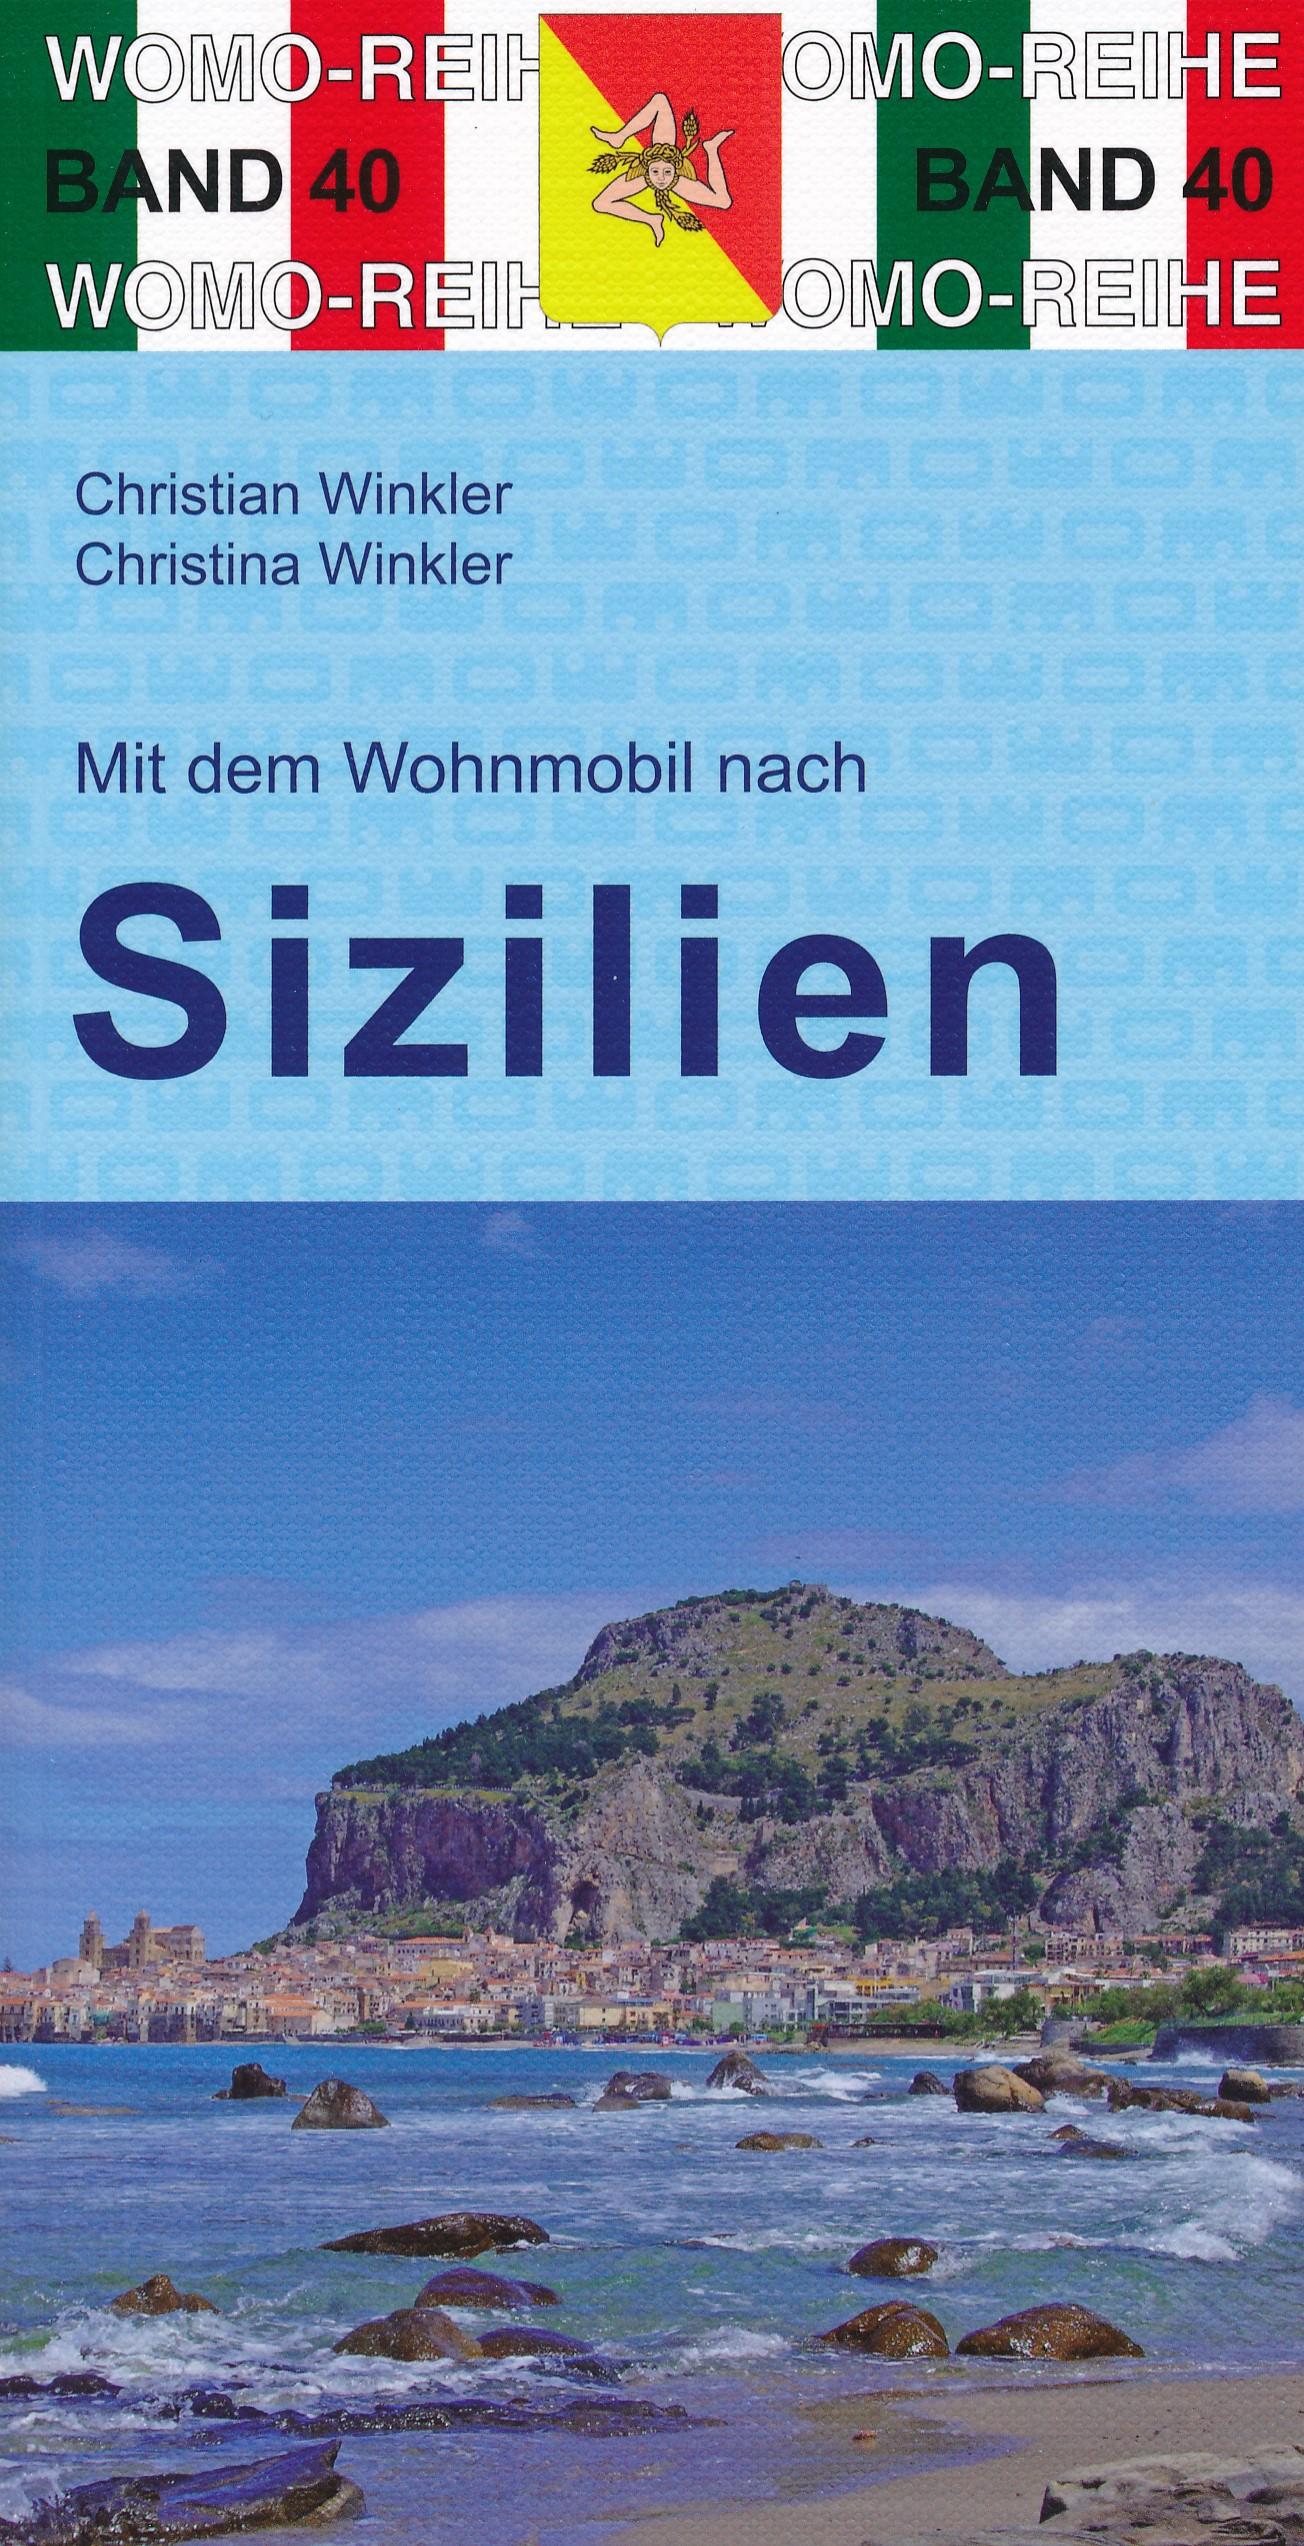 Online bestellen: Campergids 40 Mit dem Wohnmobil nach Sizilien - Camper Sicilië | WOMO verlag